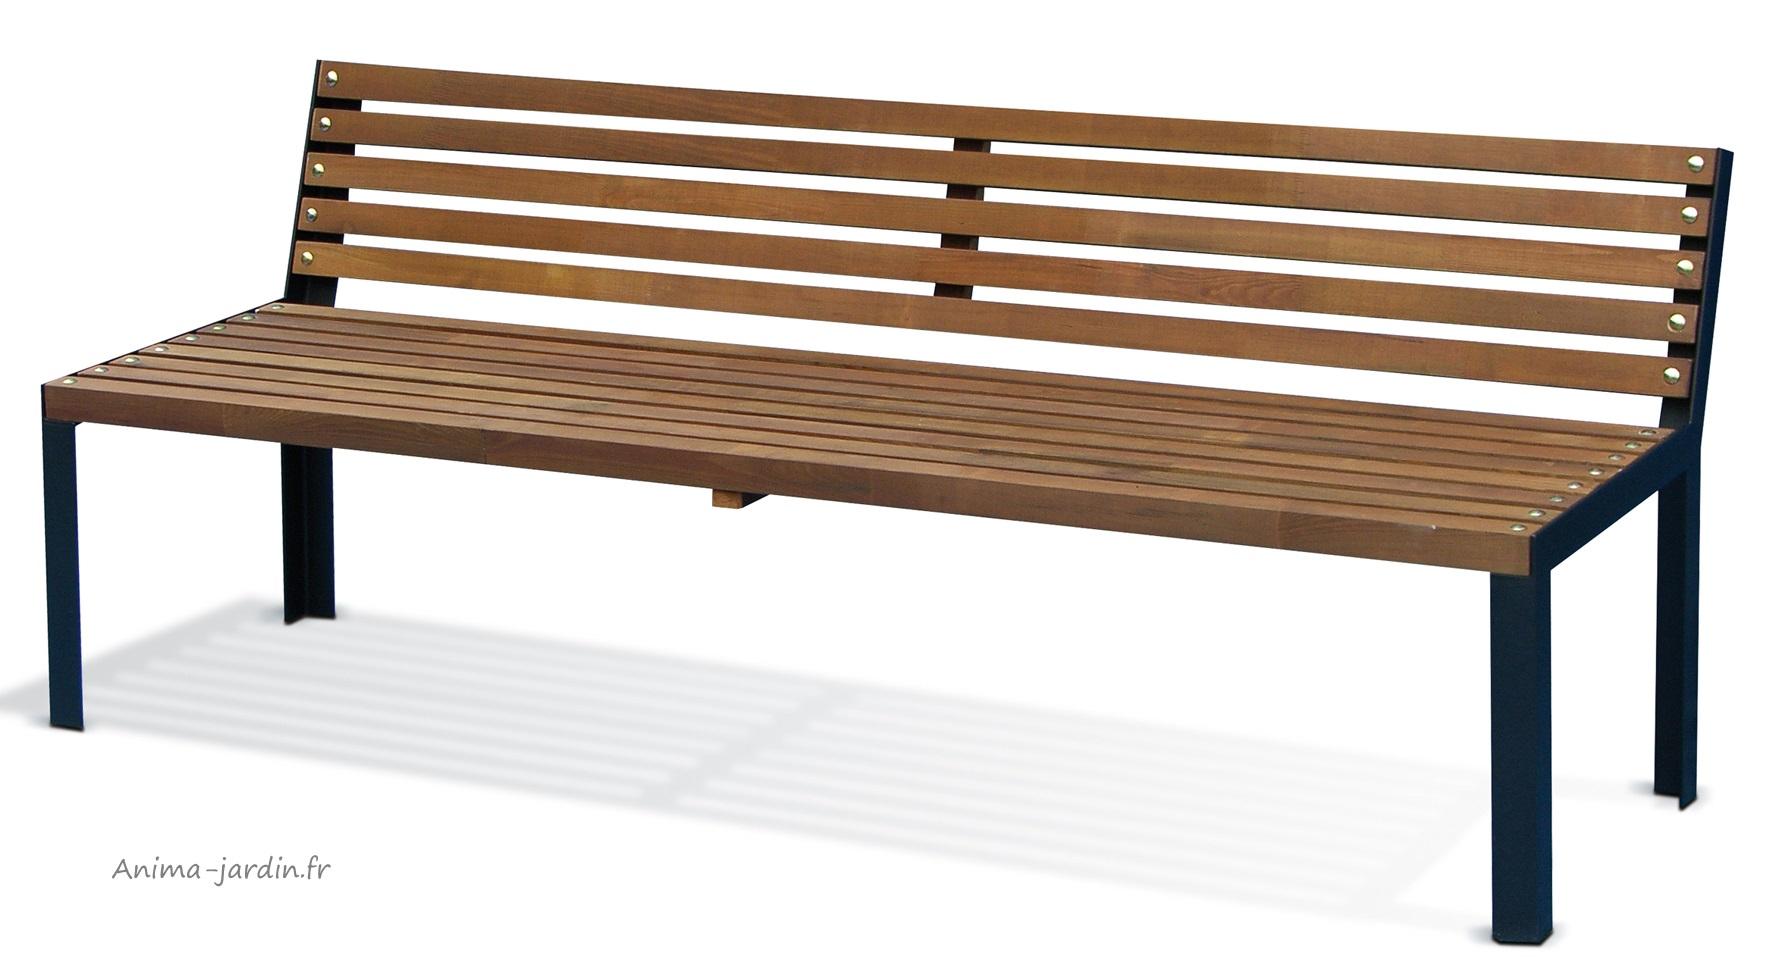 Banc en bois avec dossier, 190 cm, jardin, autoclave, achat, pas cher